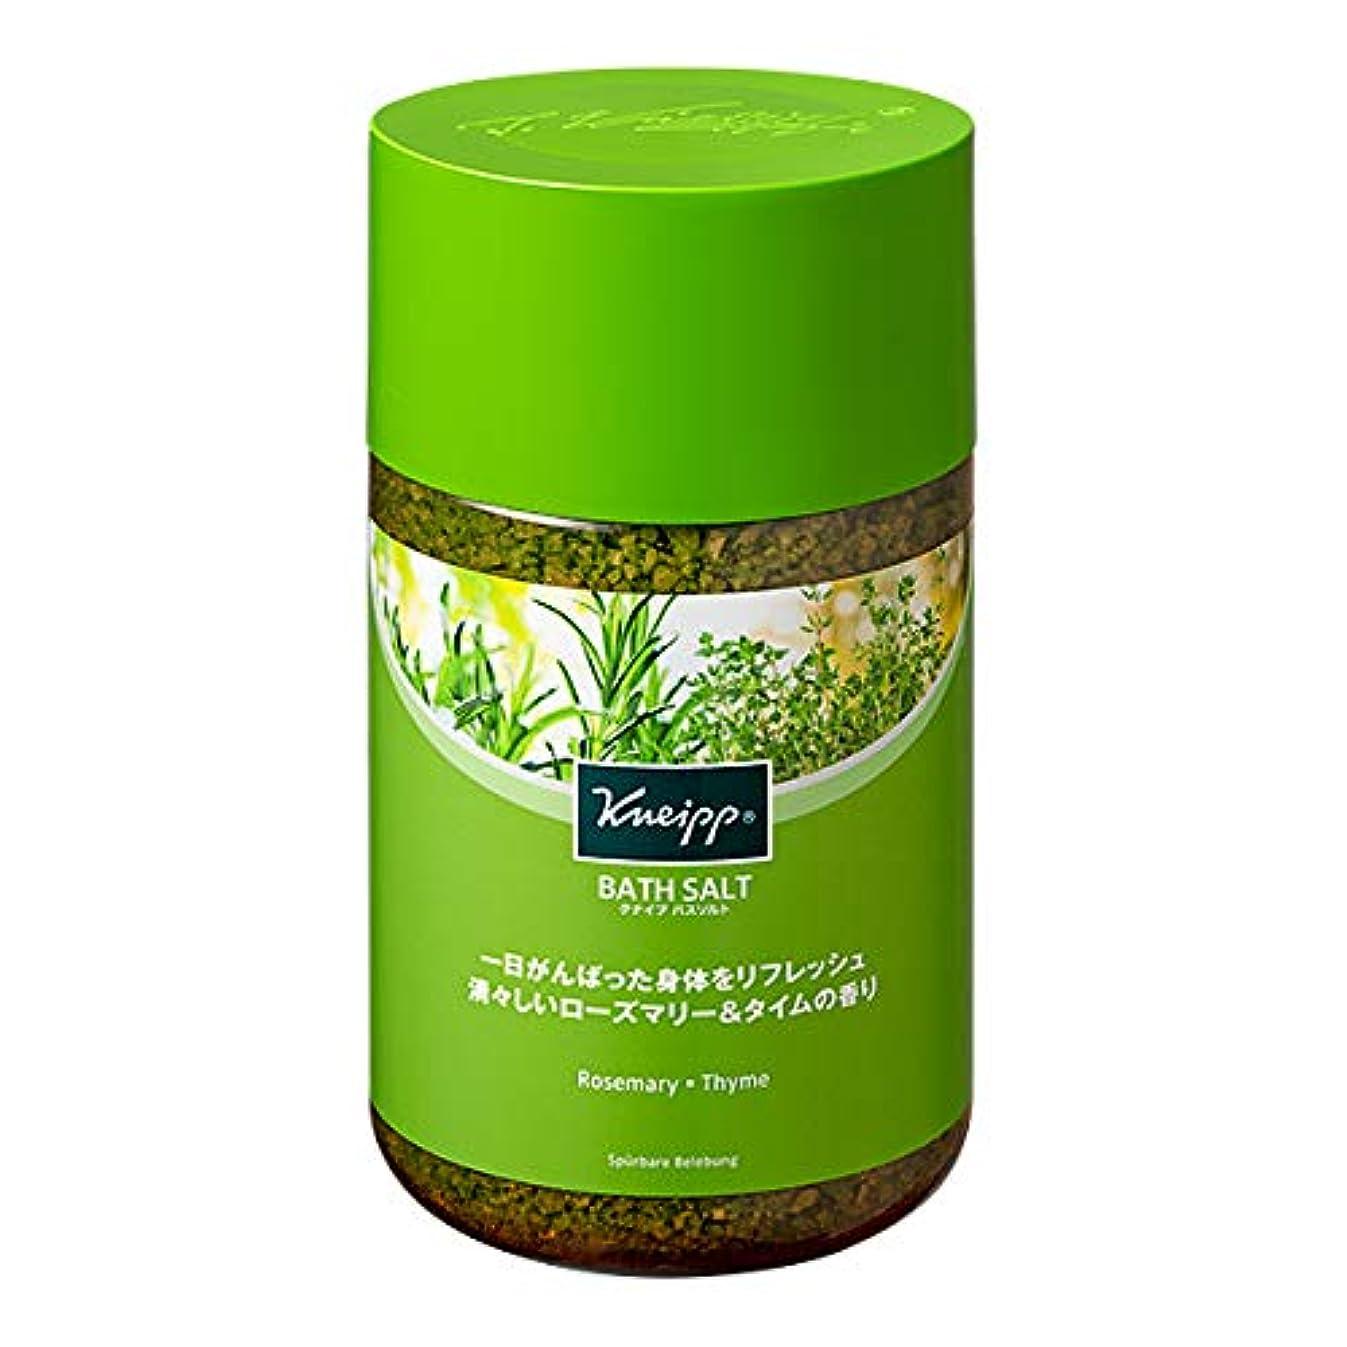 統計長さ困惑するクナイプ(Kneipp) クナイプ バスソルト ローズマリー&タイムの香り850g 入浴剤